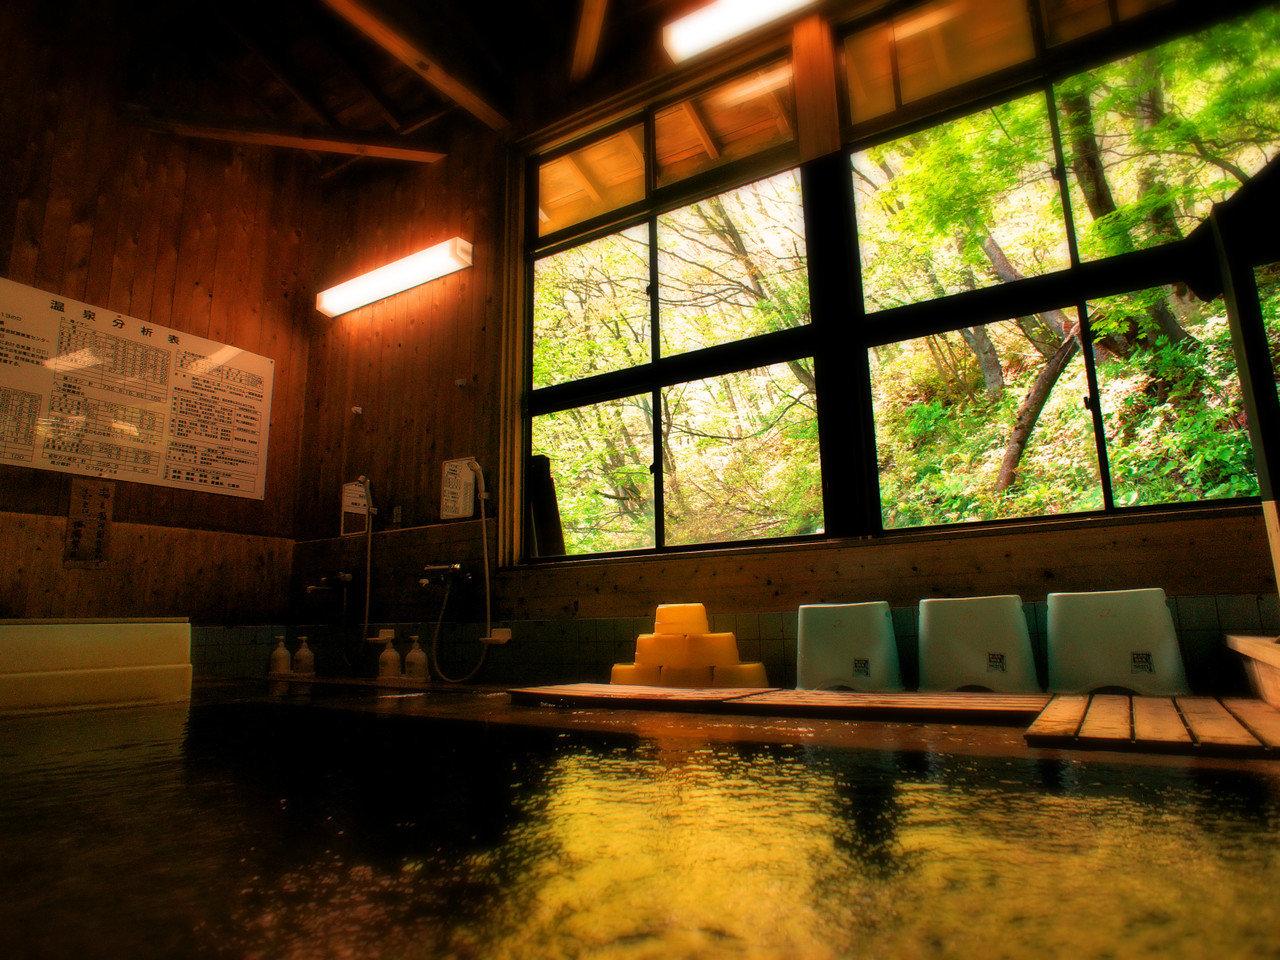 福島県福島市「温湯」あなたは読める?由来とおすすめスポットをご紹介!